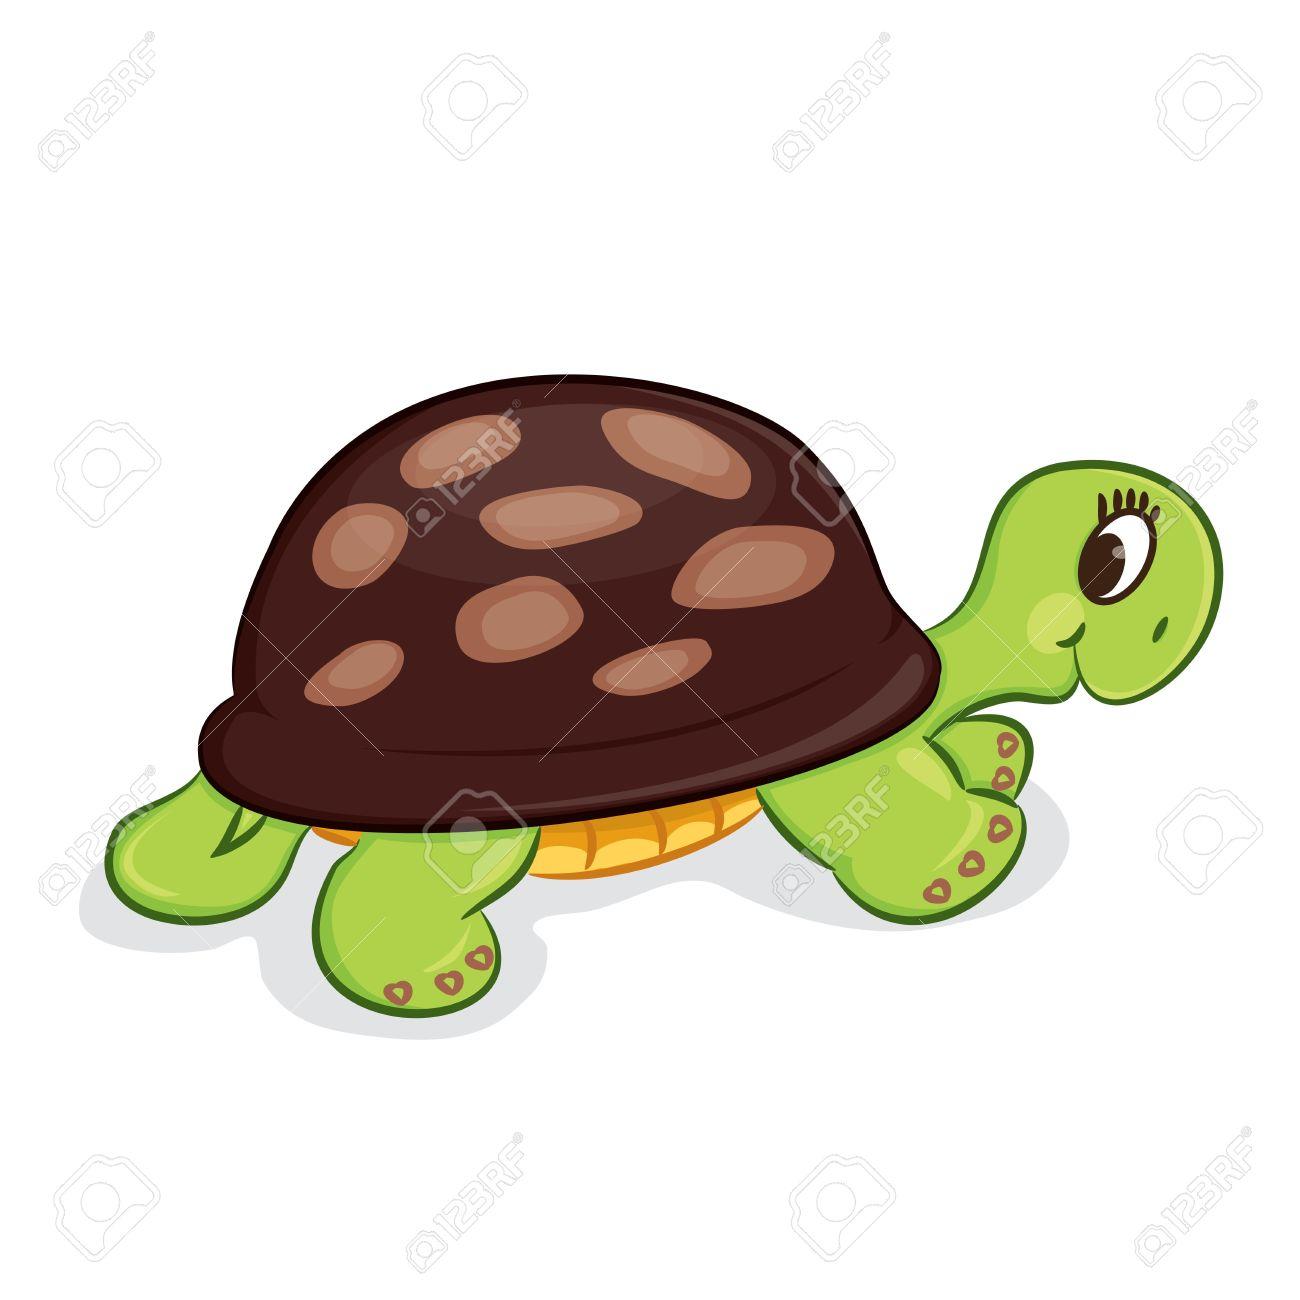 Cartoon turtle illustration - 18699981